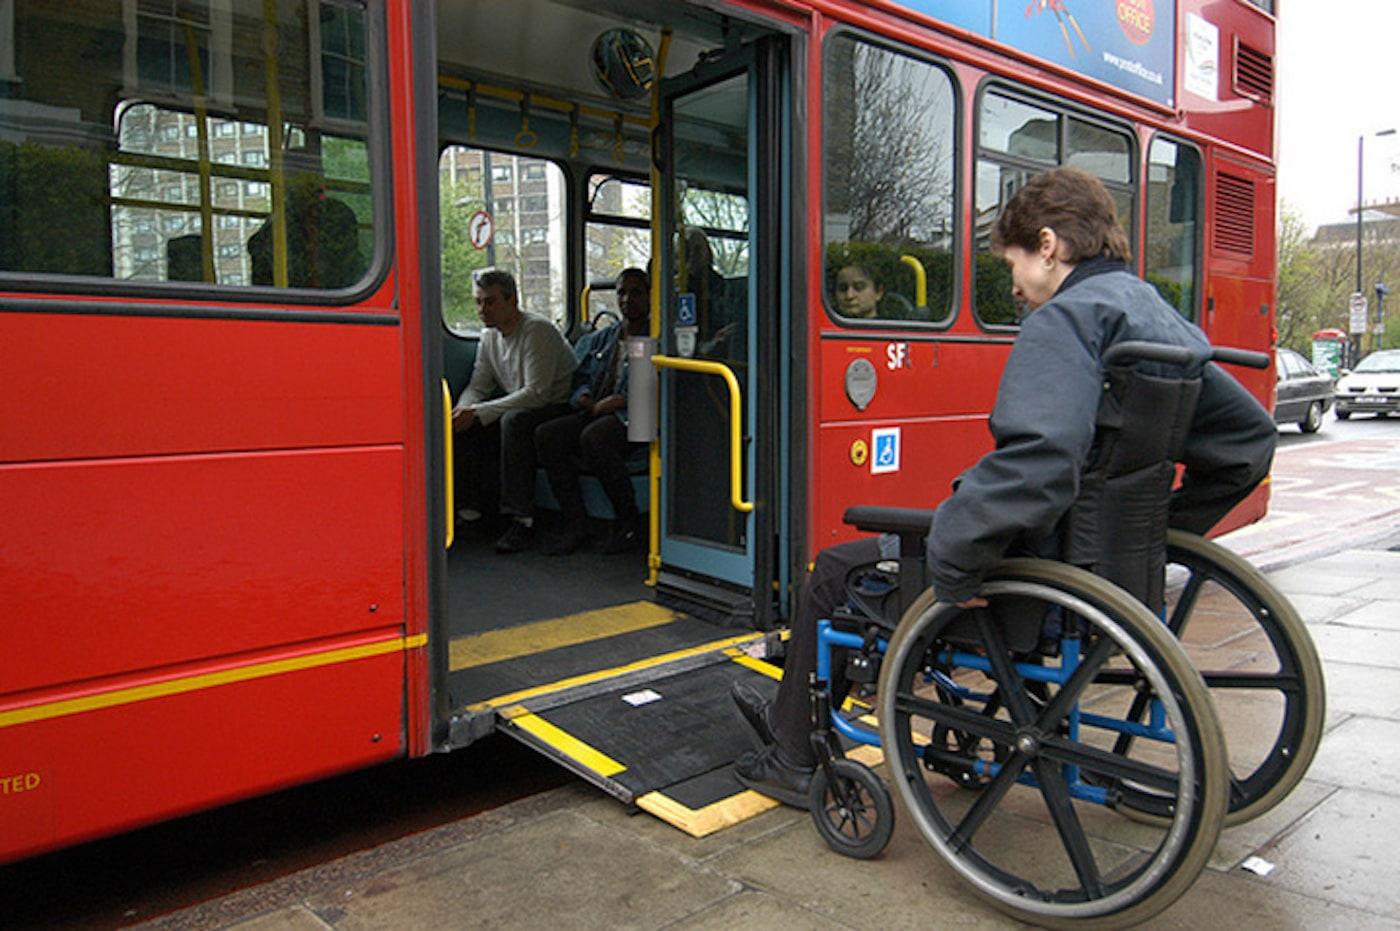 ロンドン市内を走る車いす用のスロープが装備されたバス